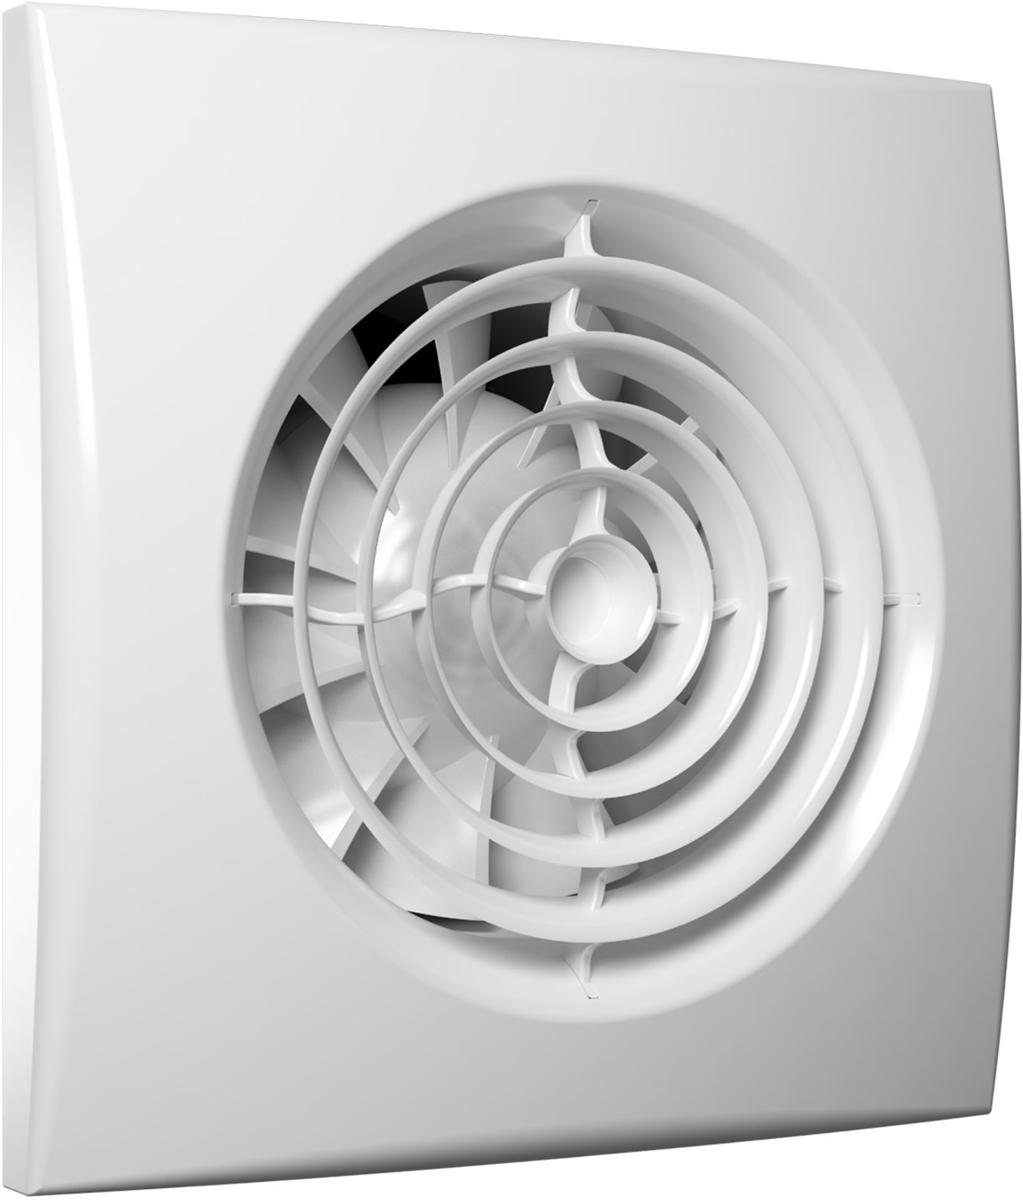 DiCiTi Aura 4 вентилятор осевой вытяжной цены онлайн